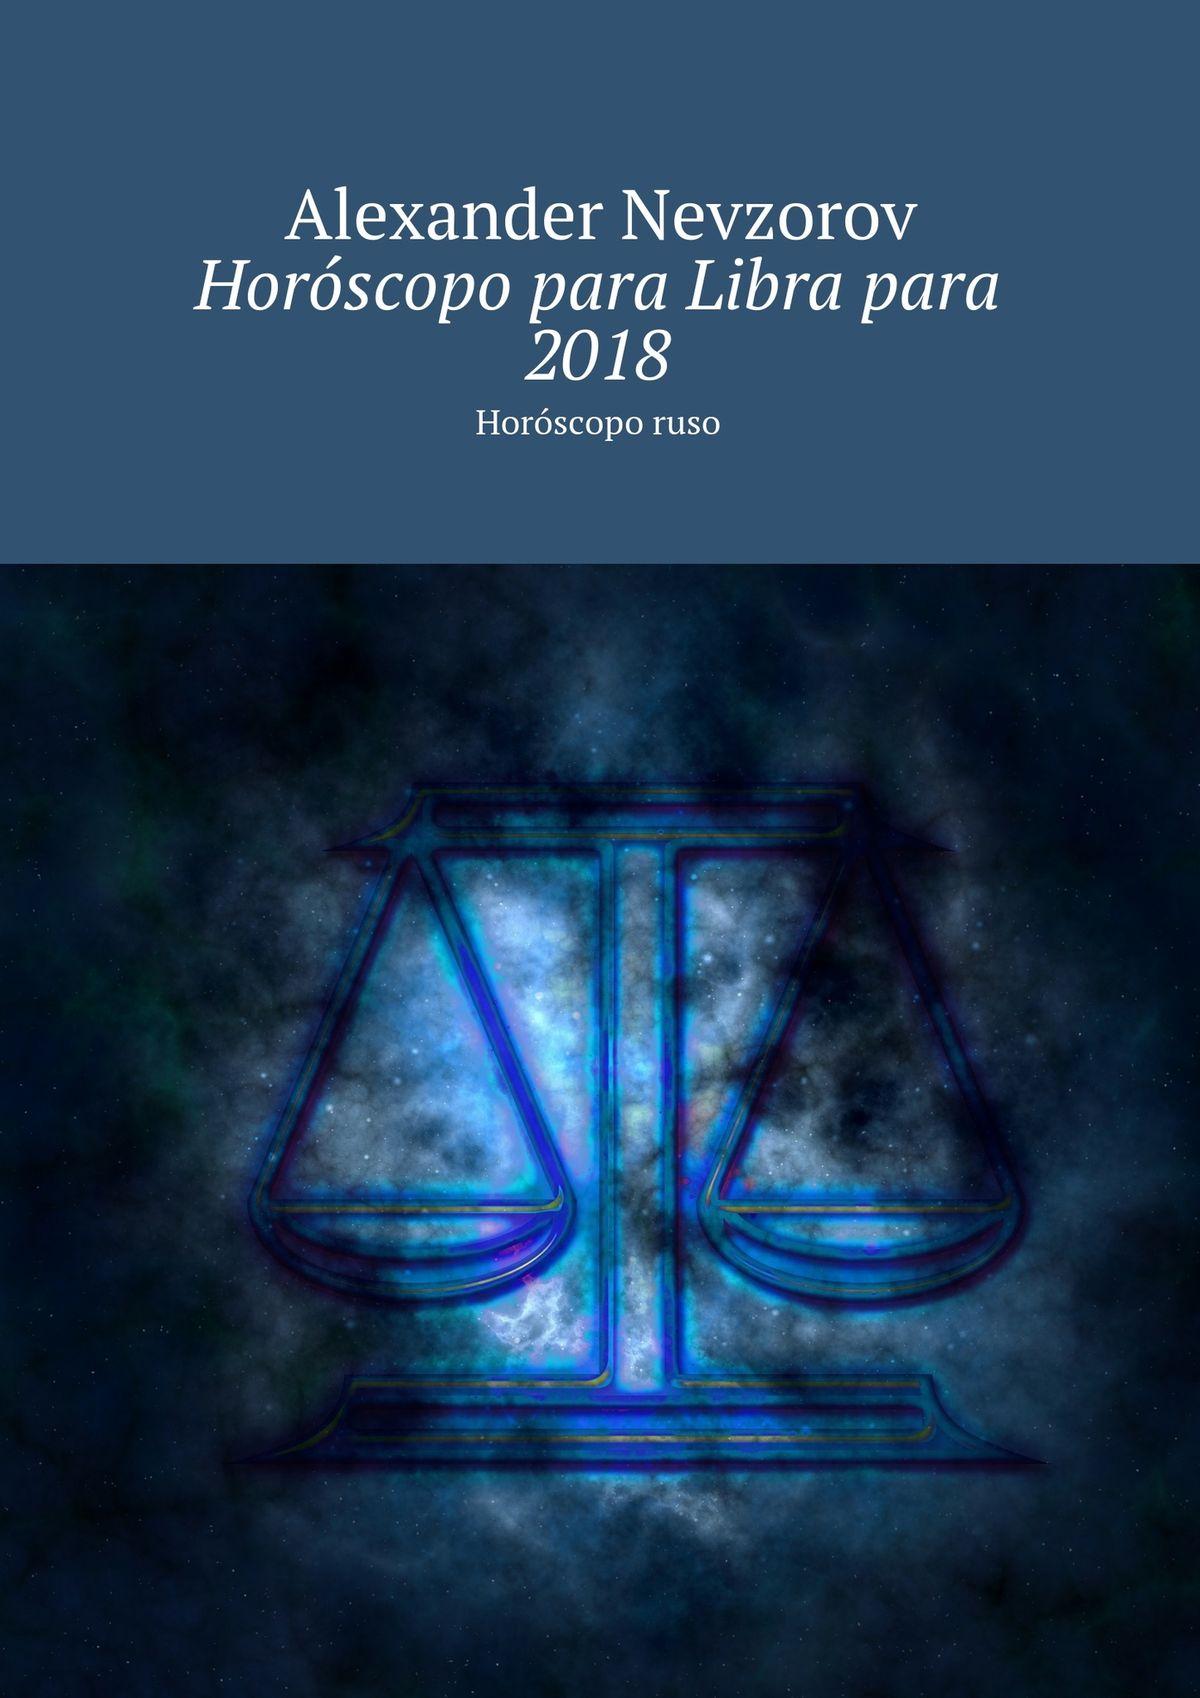 Horóscopo para Libra para 2018. Horóscopo ruso